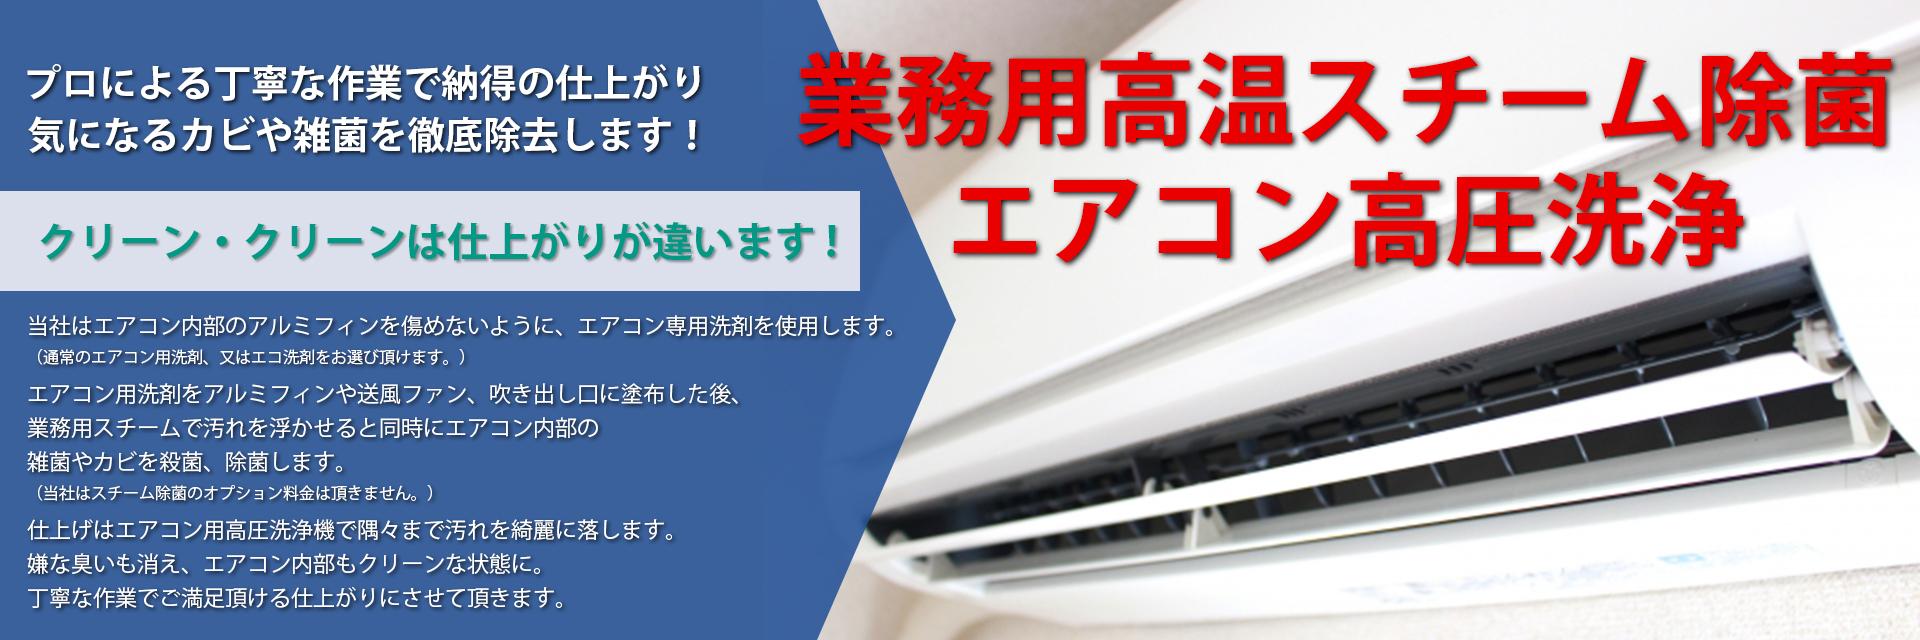 業務用高温スチーム除菌・エアコン高圧洗浄